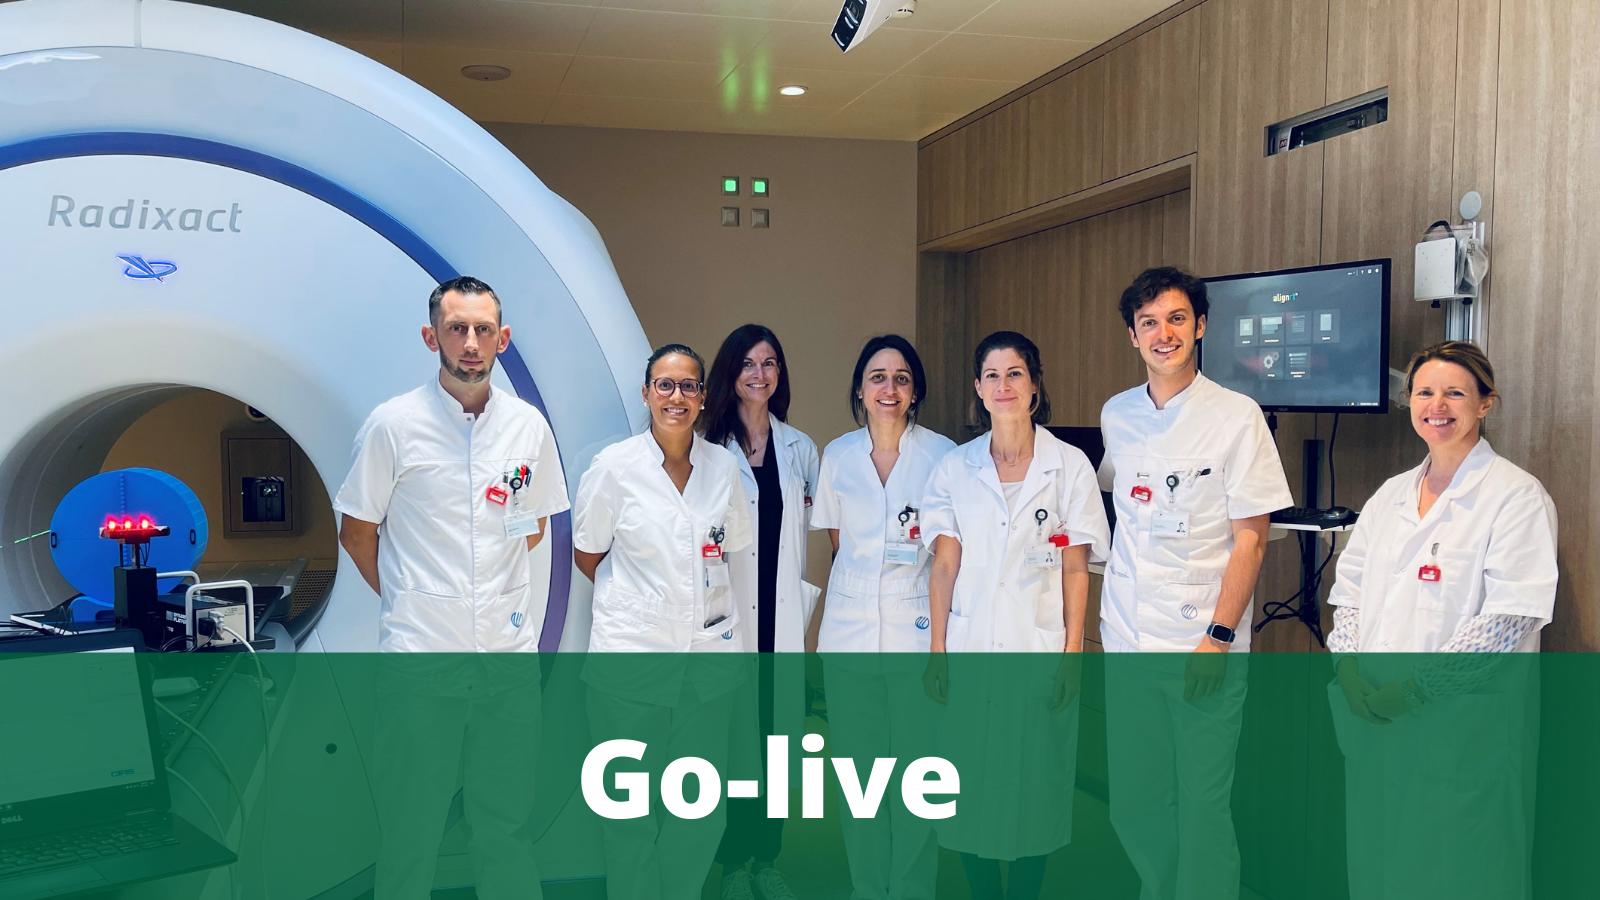 Clinique Générale Beaulieu Switzerland go live with AlignRT SGRT Technology